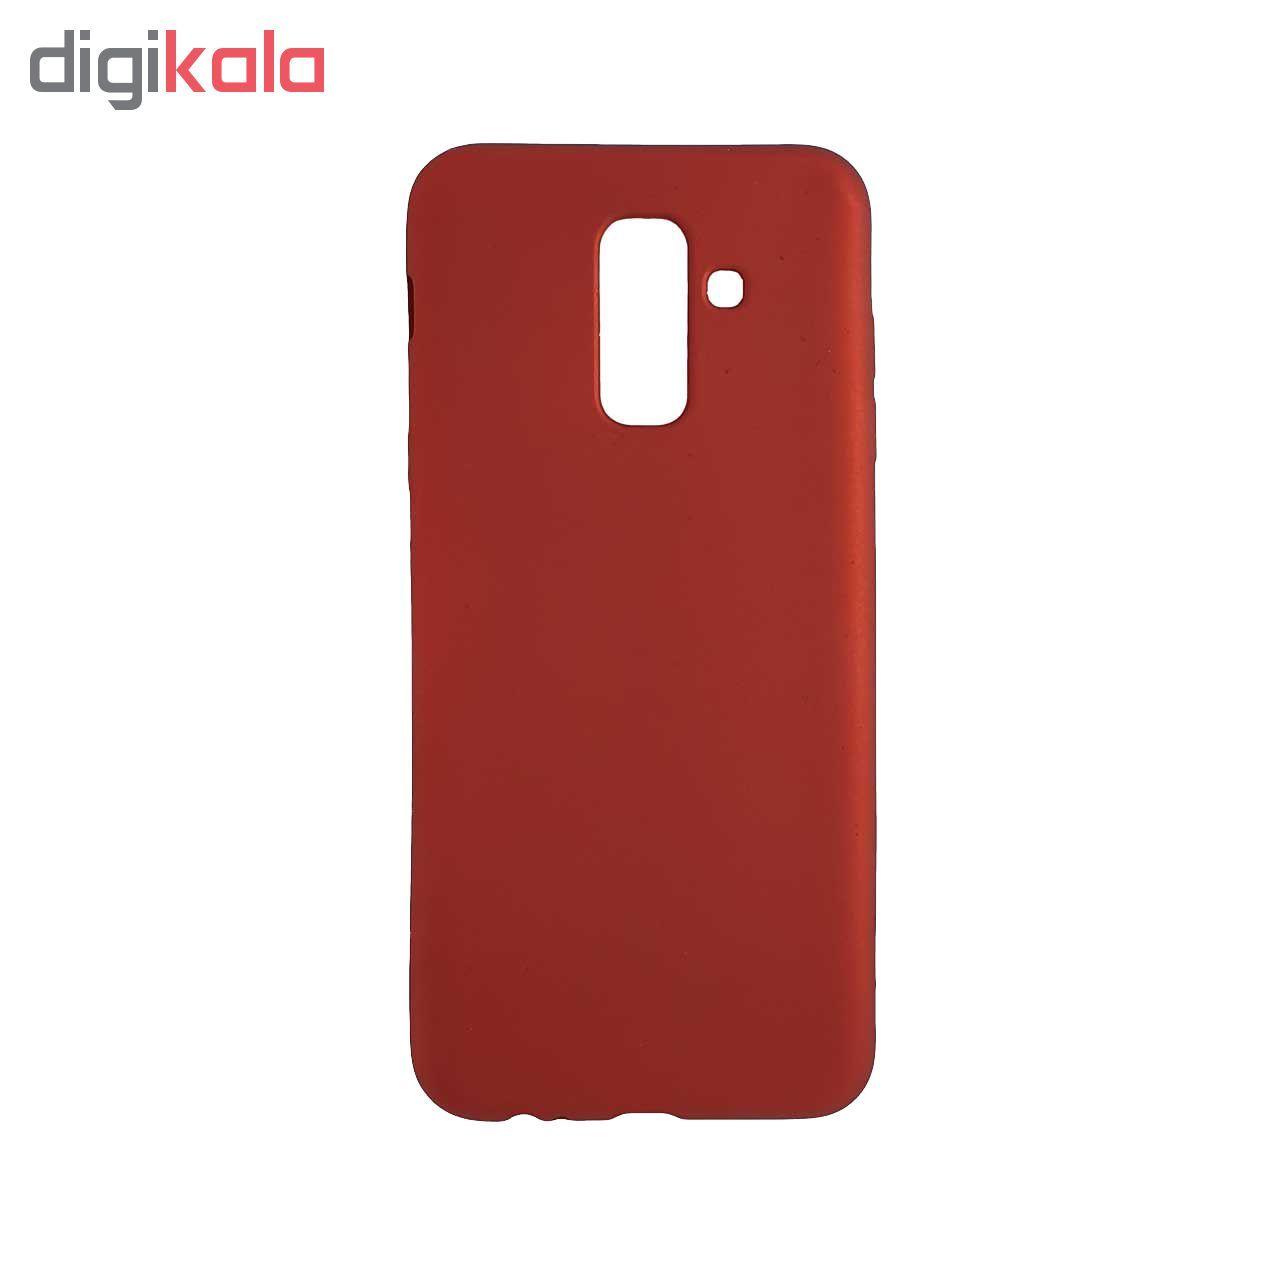 کاور ایبیزا مدل remx-45 مناسب برای گوشی موبایل سامسونگ Galaxy A6 plus 2018 main 1 1